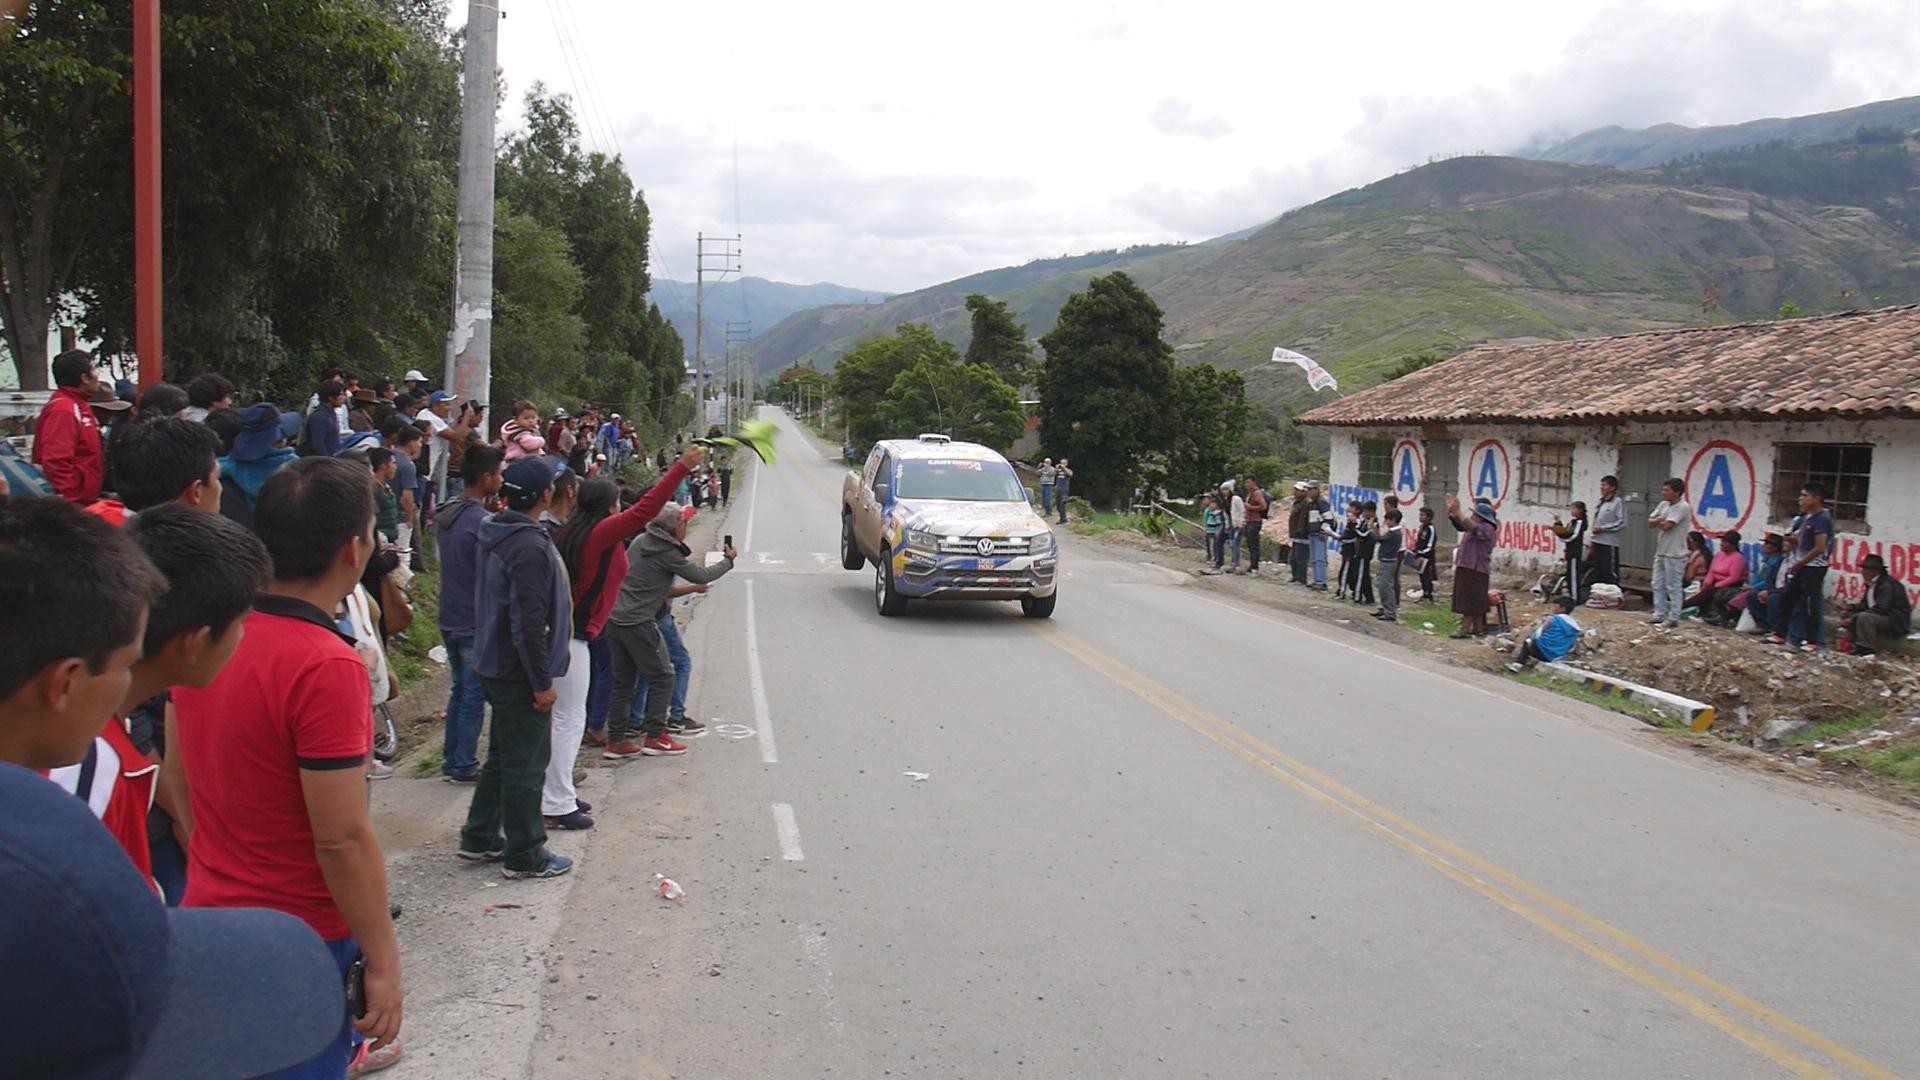 ... und bei der Landung. Das Team führt bei der 'Rally Caminos  del Inca' in der Kategorie 'Camionetas'.